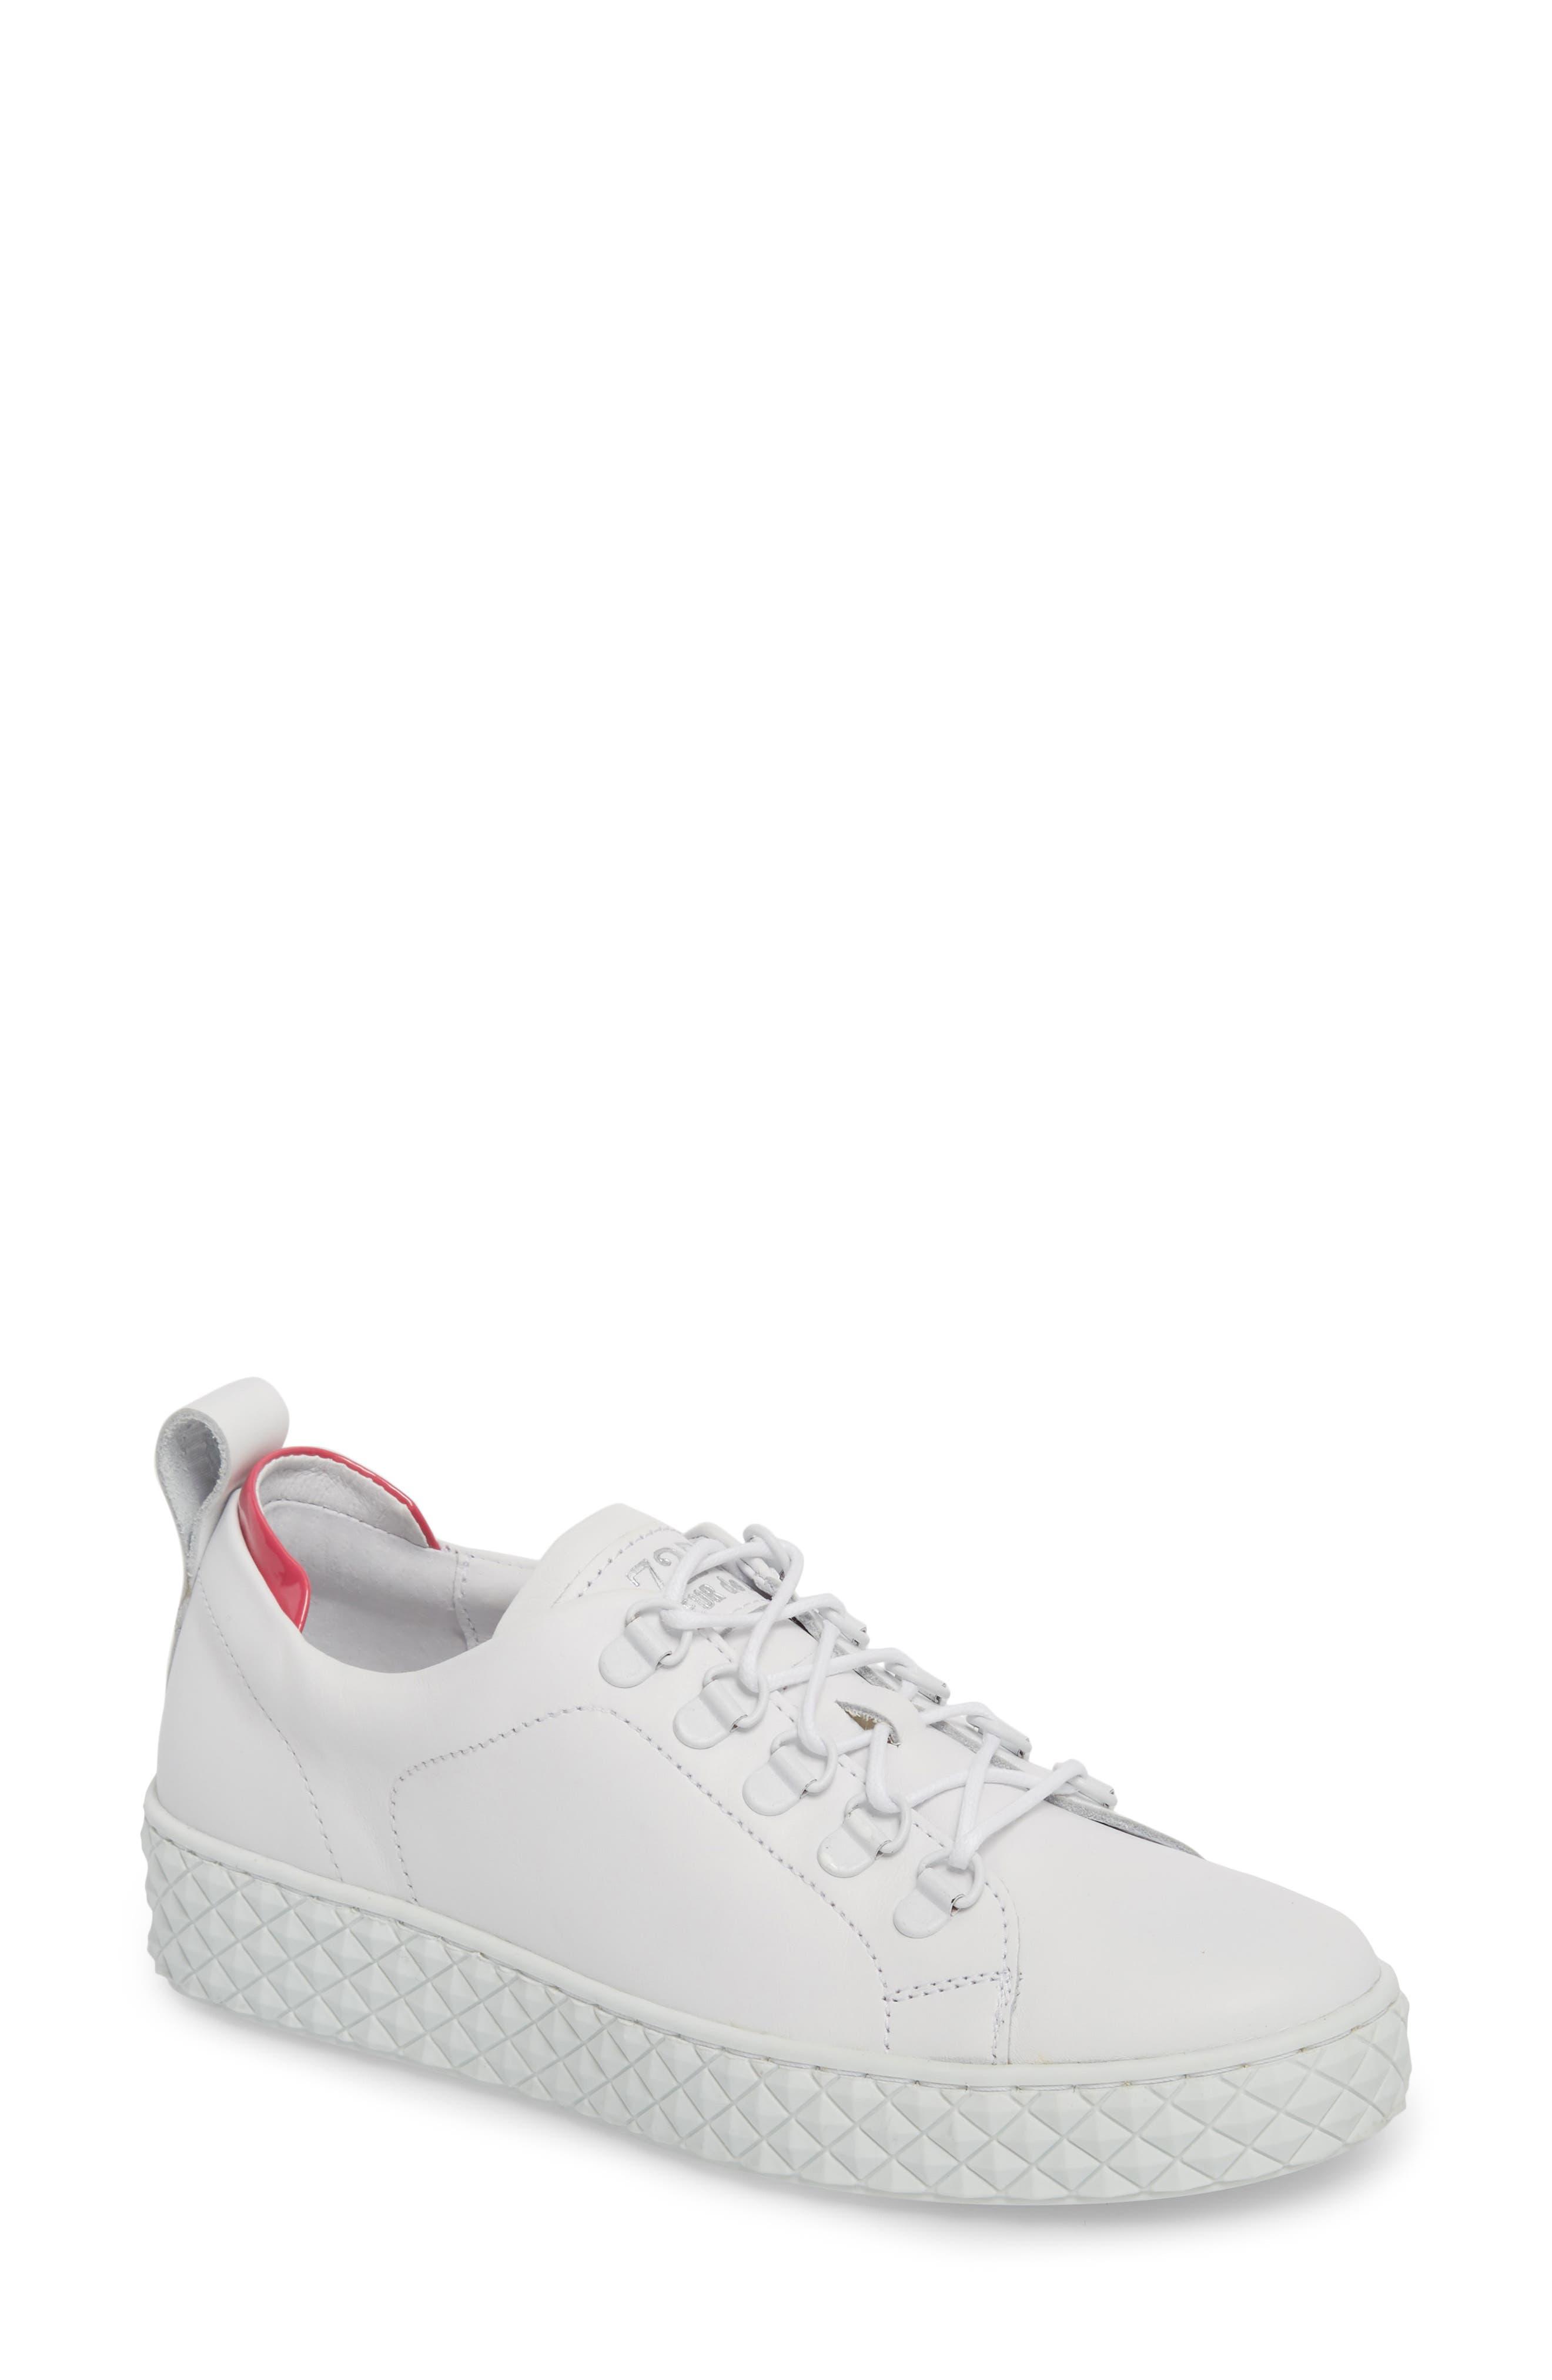 Sol Sneaker,                         Main,                         color,